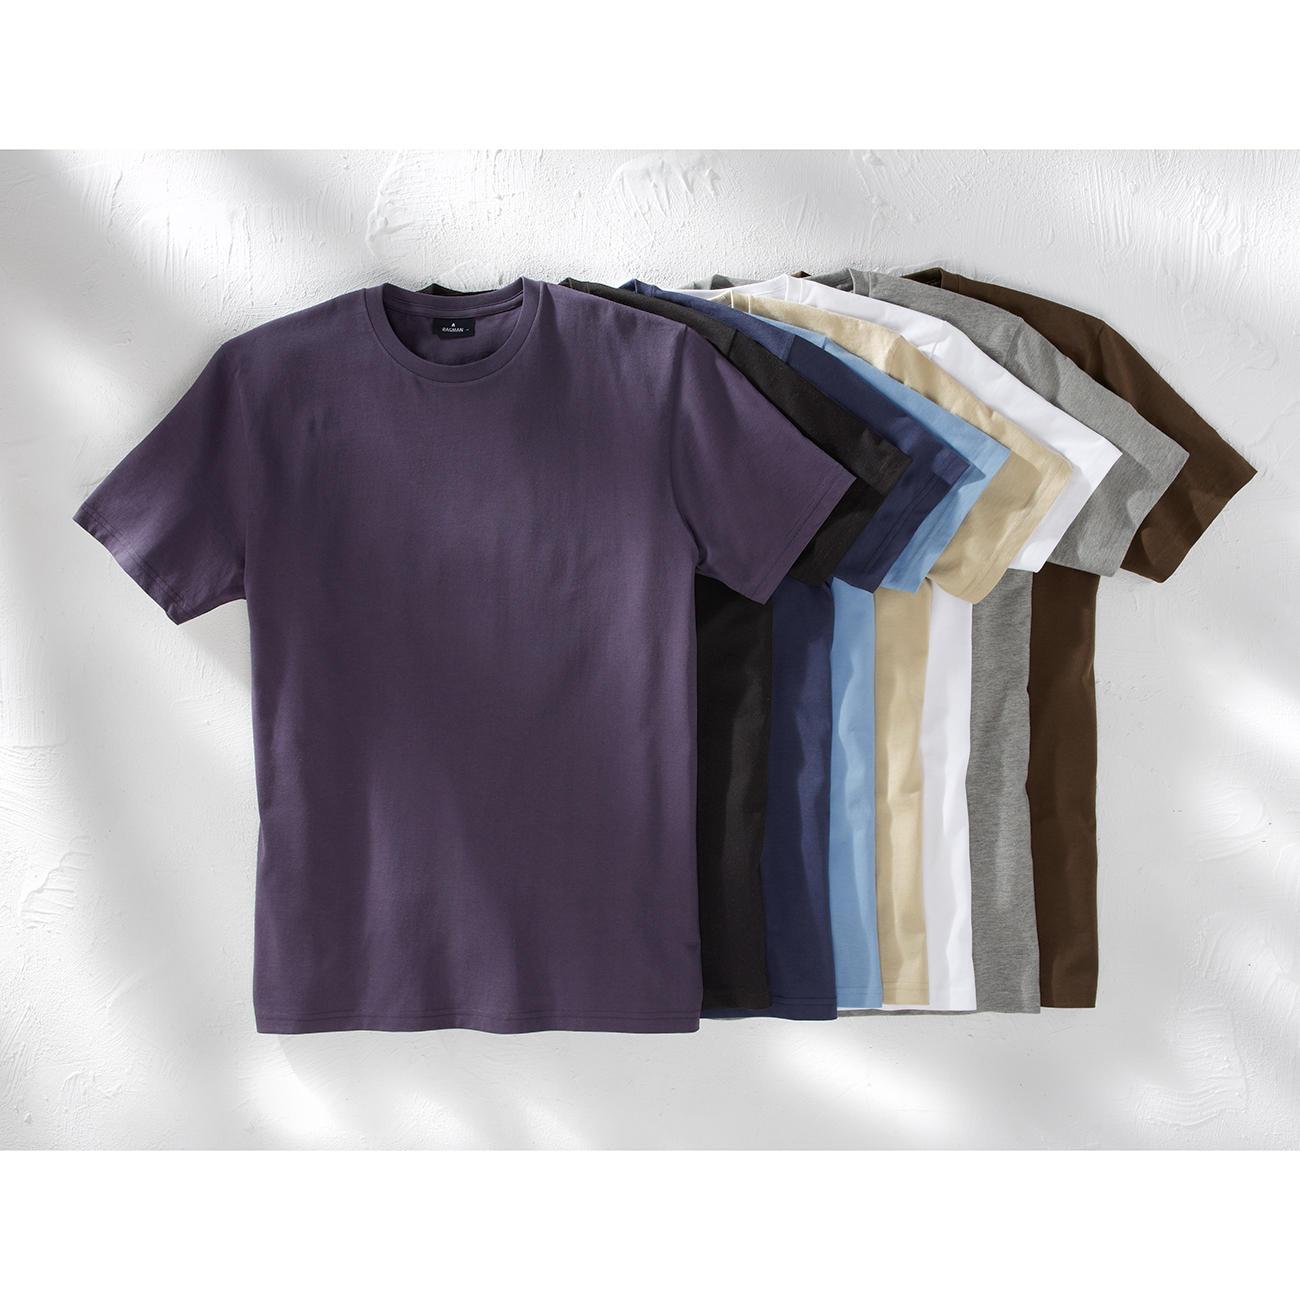 Das 155 g-Ragman T-Shirt | Mode-Klassiker entdecken